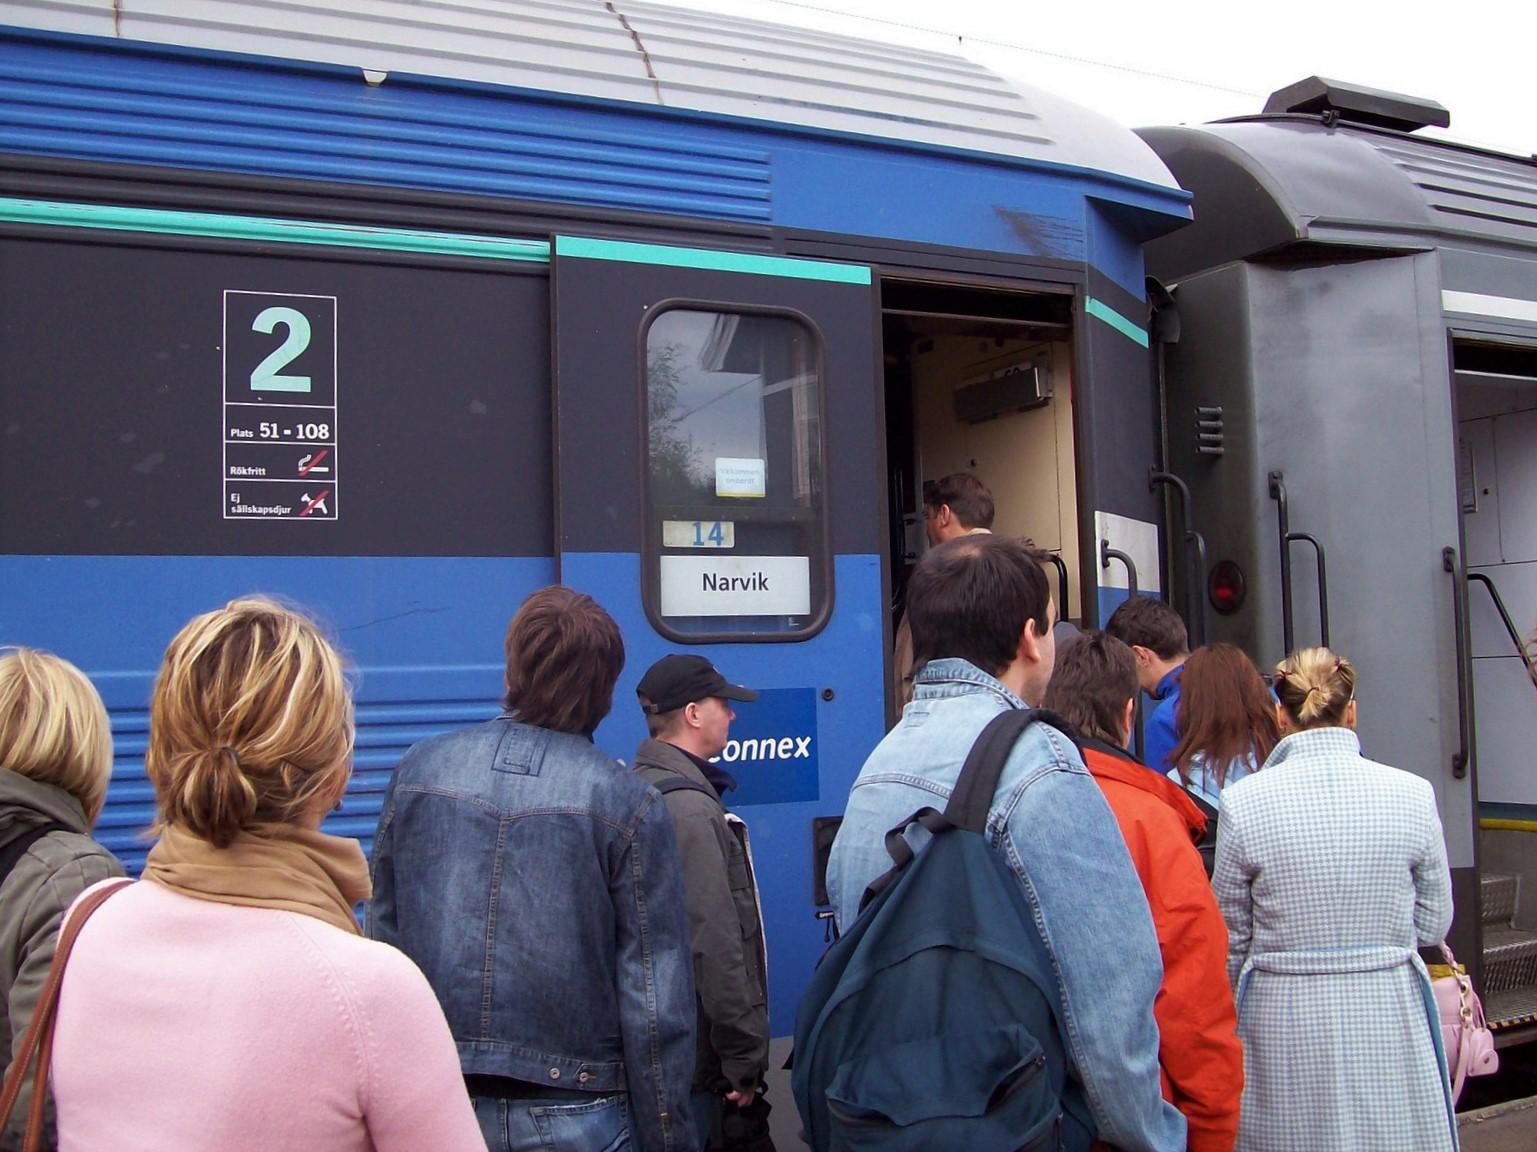 Malm- und Ofotbahn Kiruna (Lappland) - Narvik